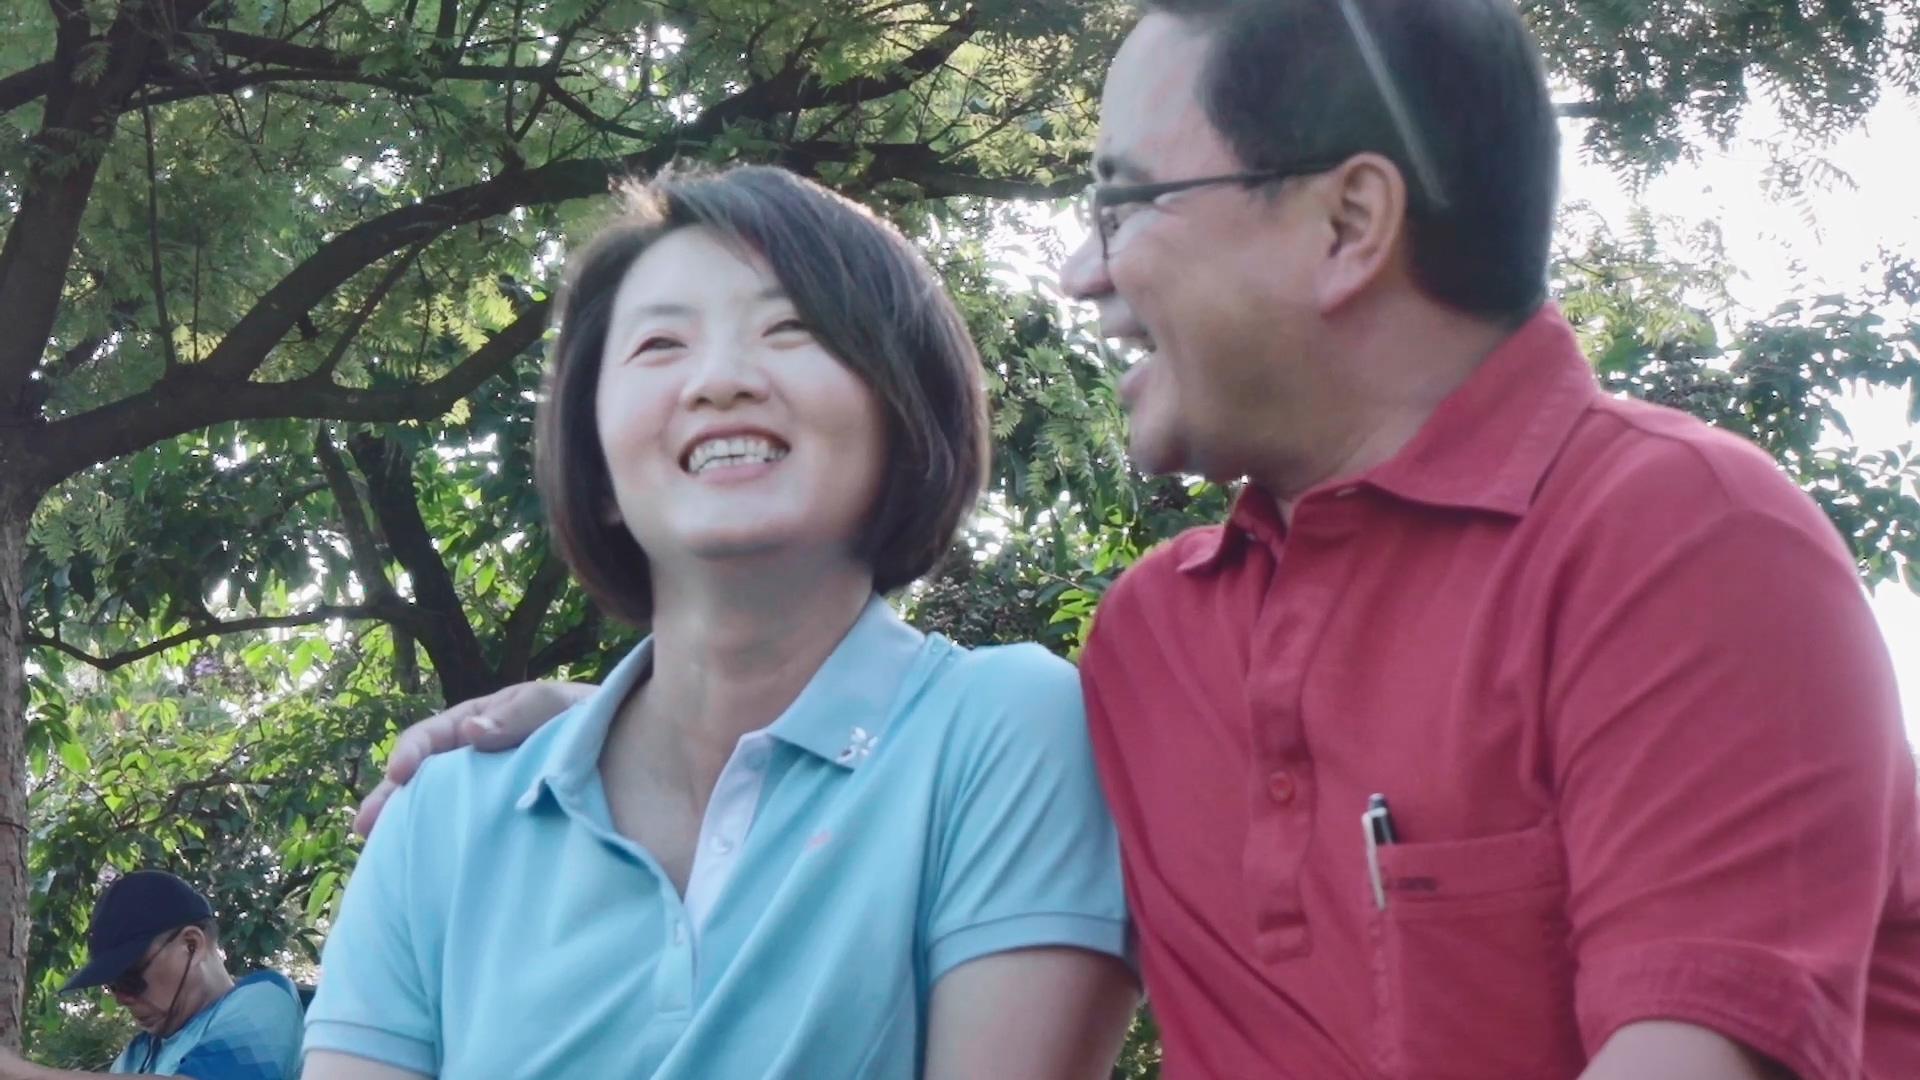 巫有崇(右)在公園內與林孟霓(左)的互動充滿愛